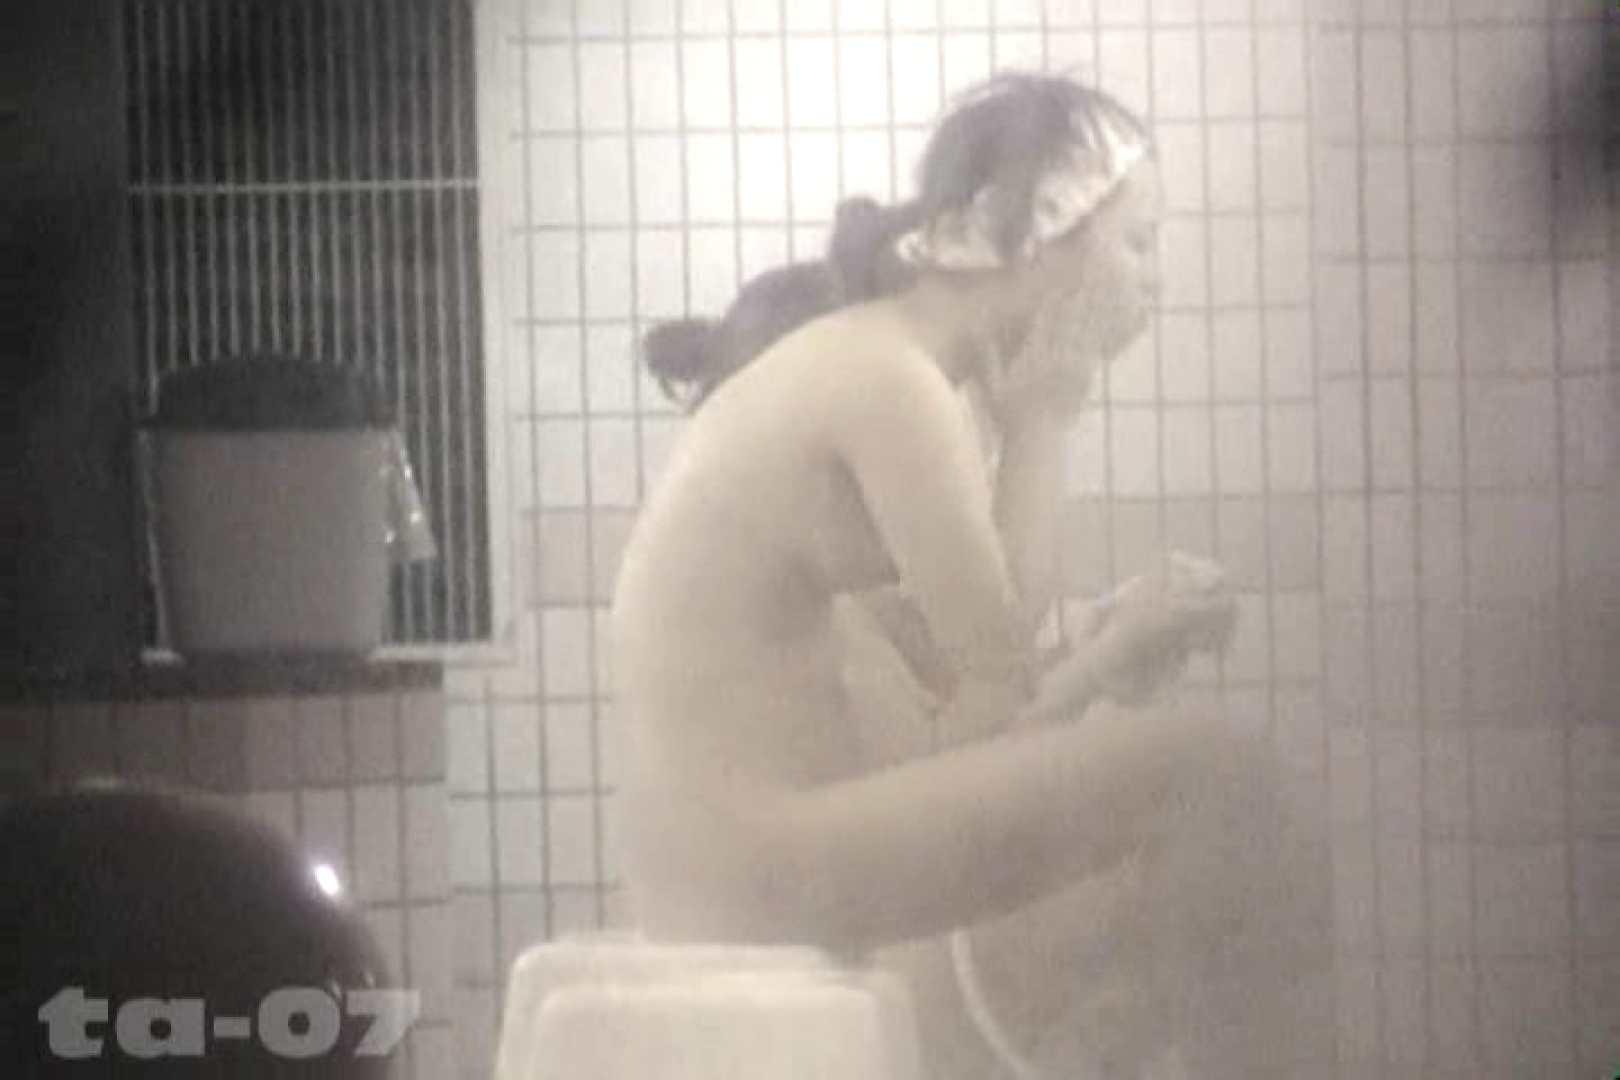 合宿ホテル女風呂盗撮高画質版 Vol.07 高画質 AV動画キャプチャ 77画像 62